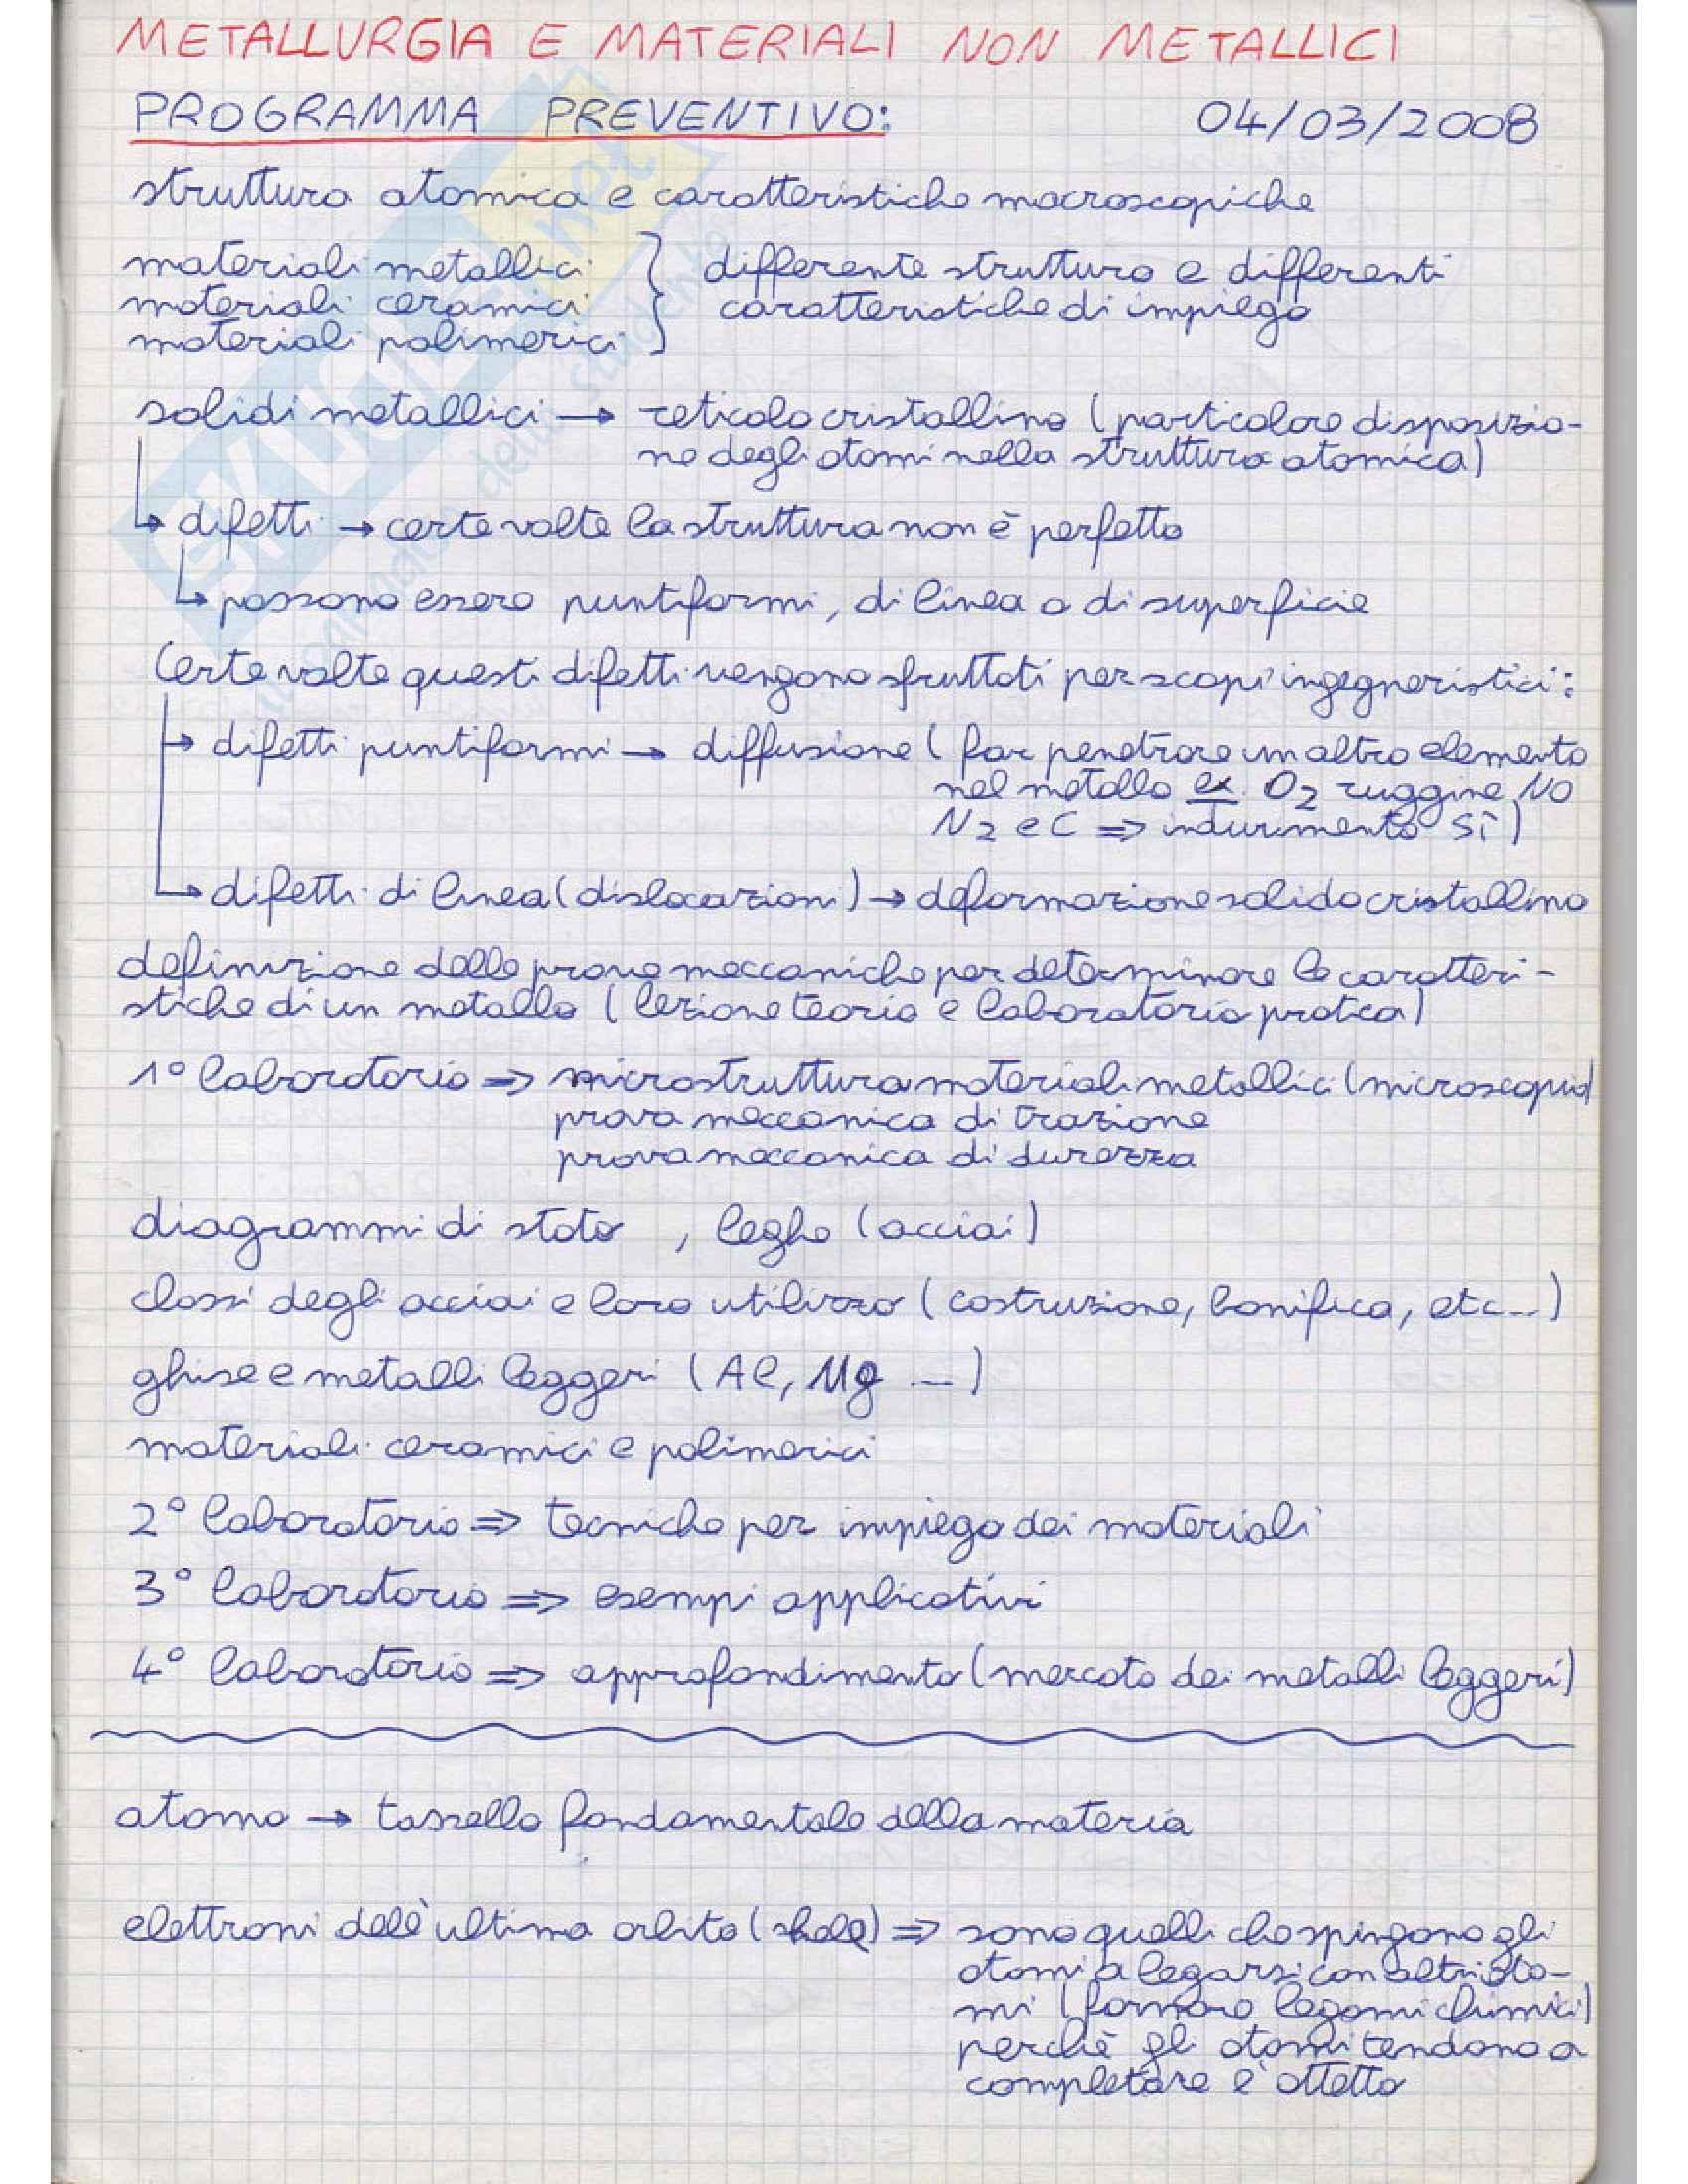 Lezioni, Metallurgia e materiali non metallici